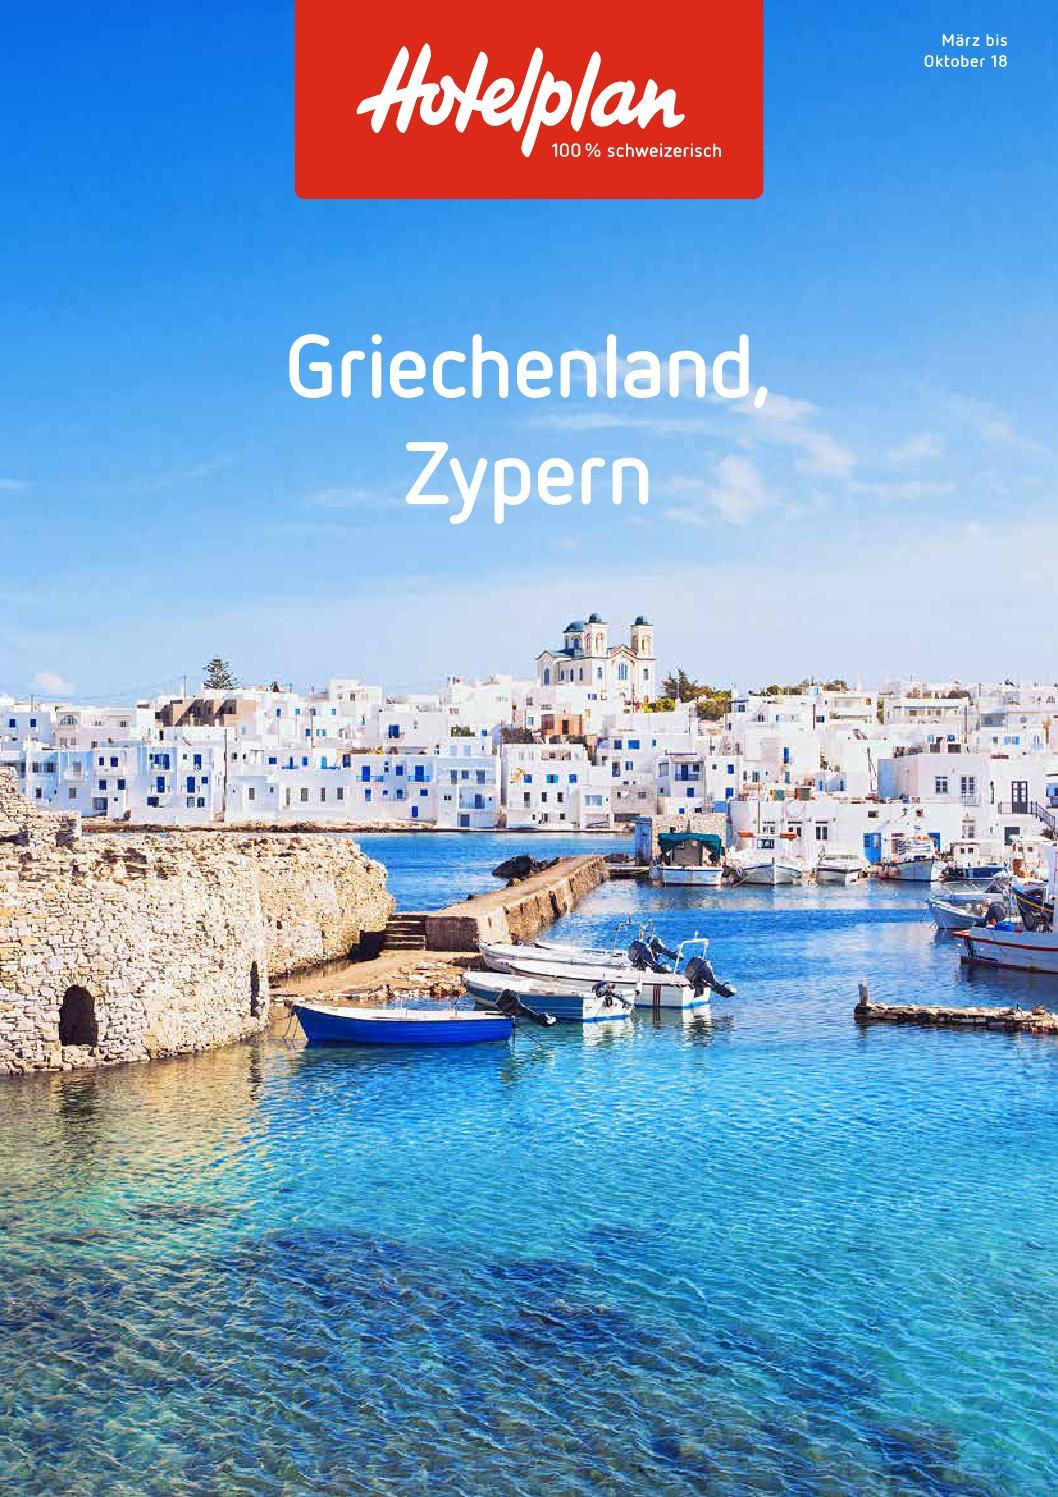 Hotelplan Griechenland, Zypern – 2018 by Hotelplan Suisse (MTCH AG ...